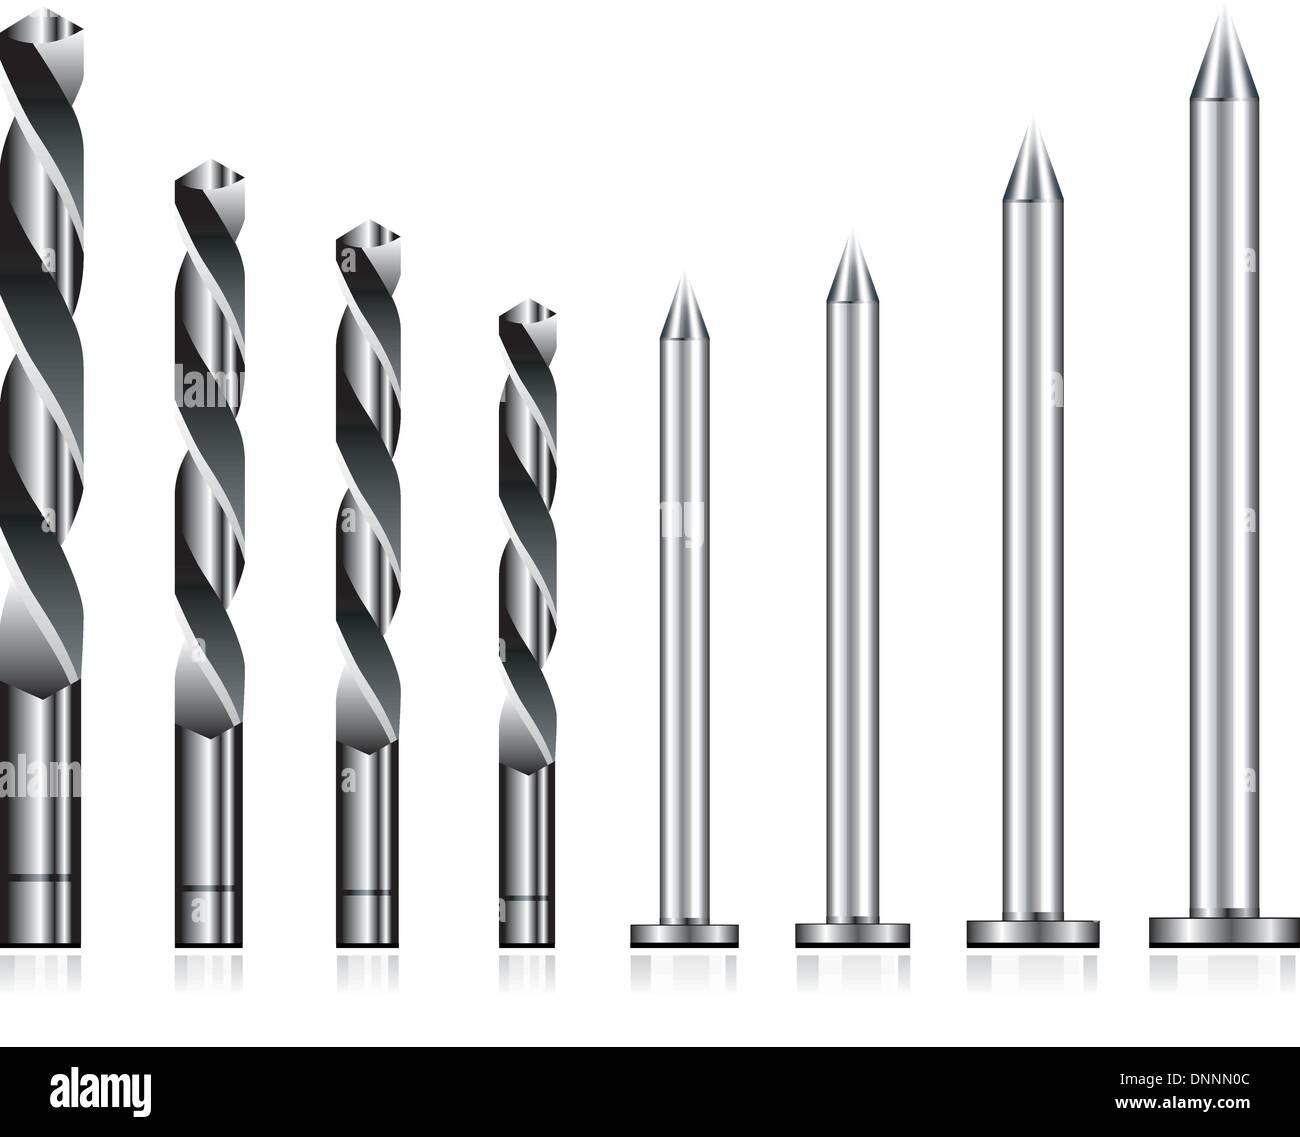 Realistico punta da trapano e Chiodo in acciaio insieme Immagini Stock